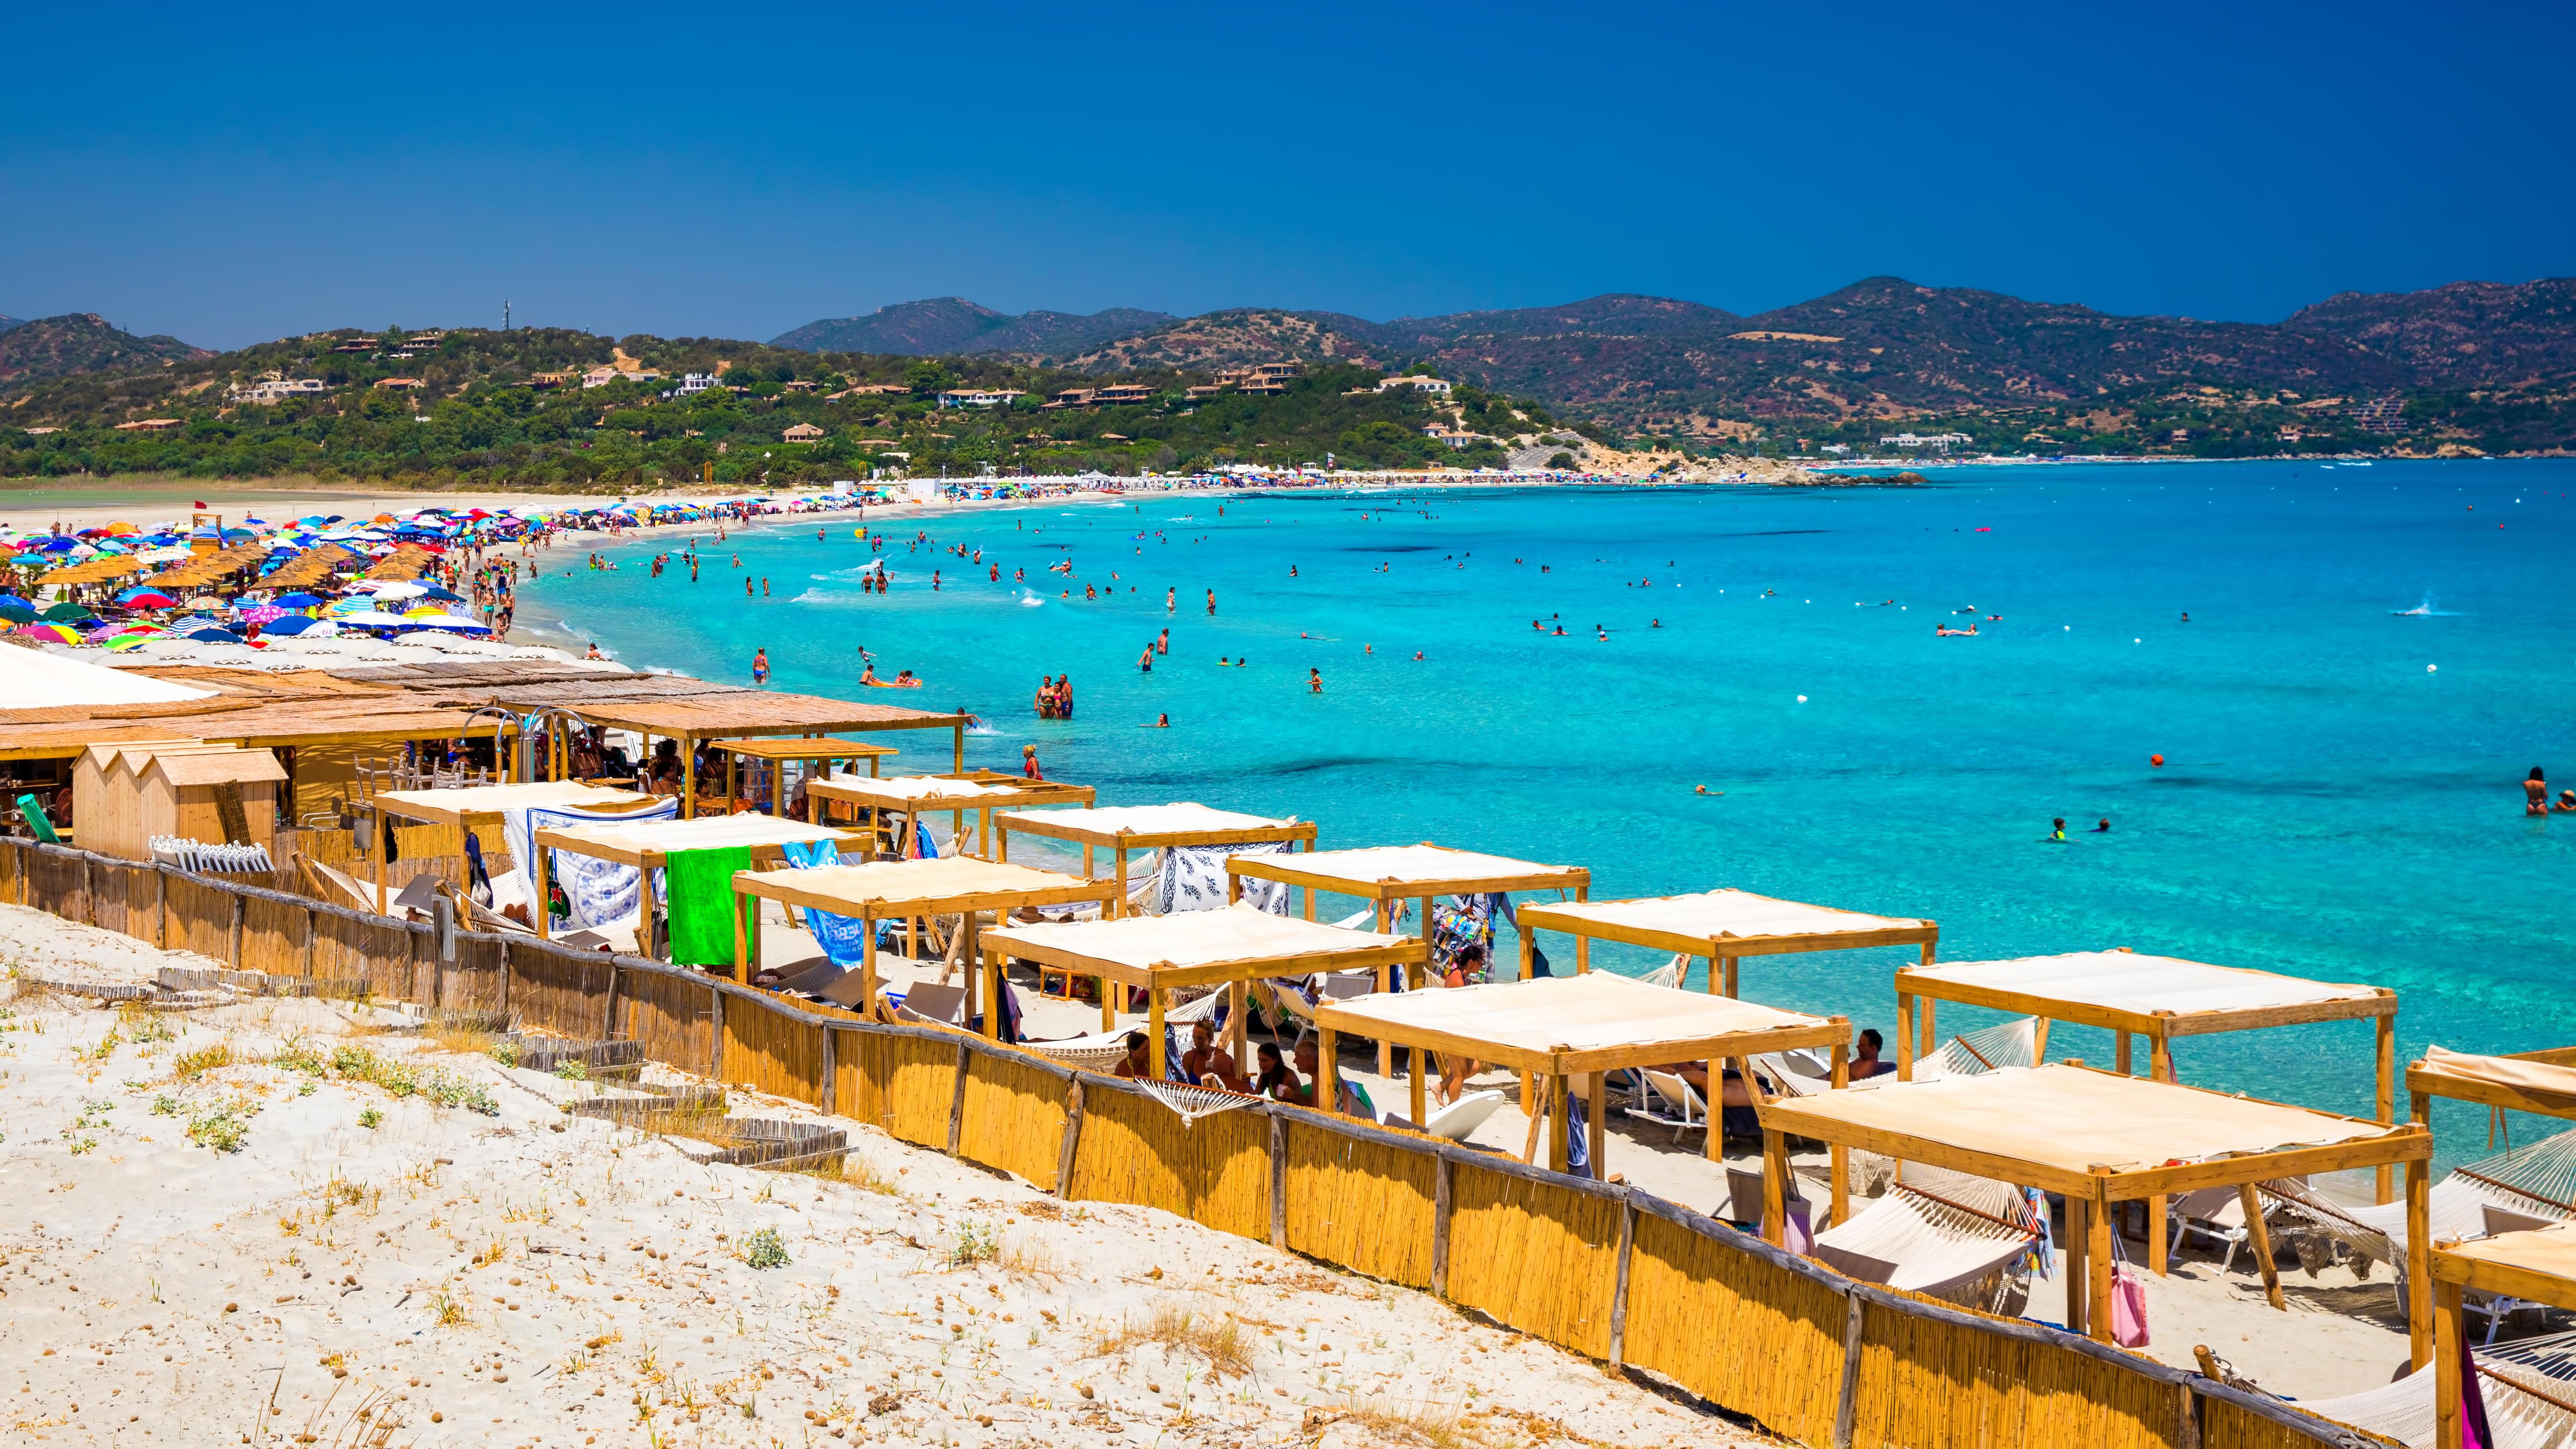 20 Great Day Trips to Take from Cagliari, Sardinia